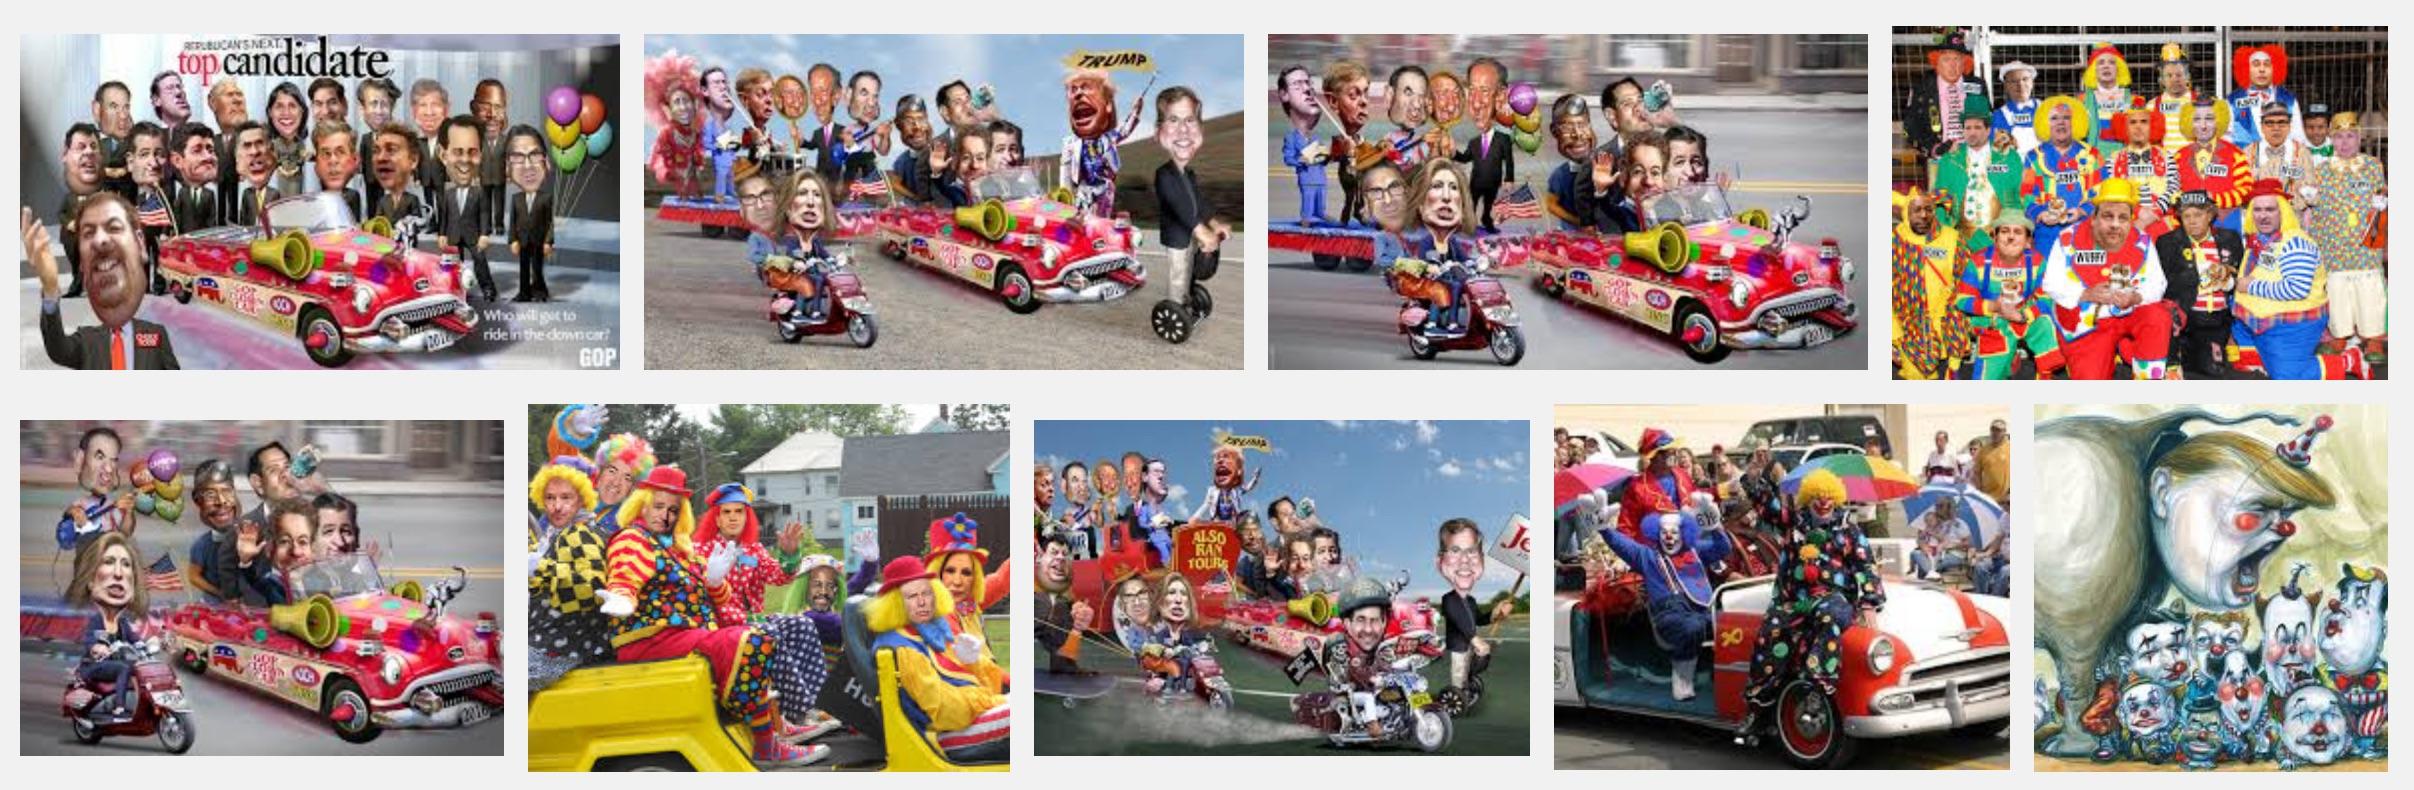 google-search-clown-car-2